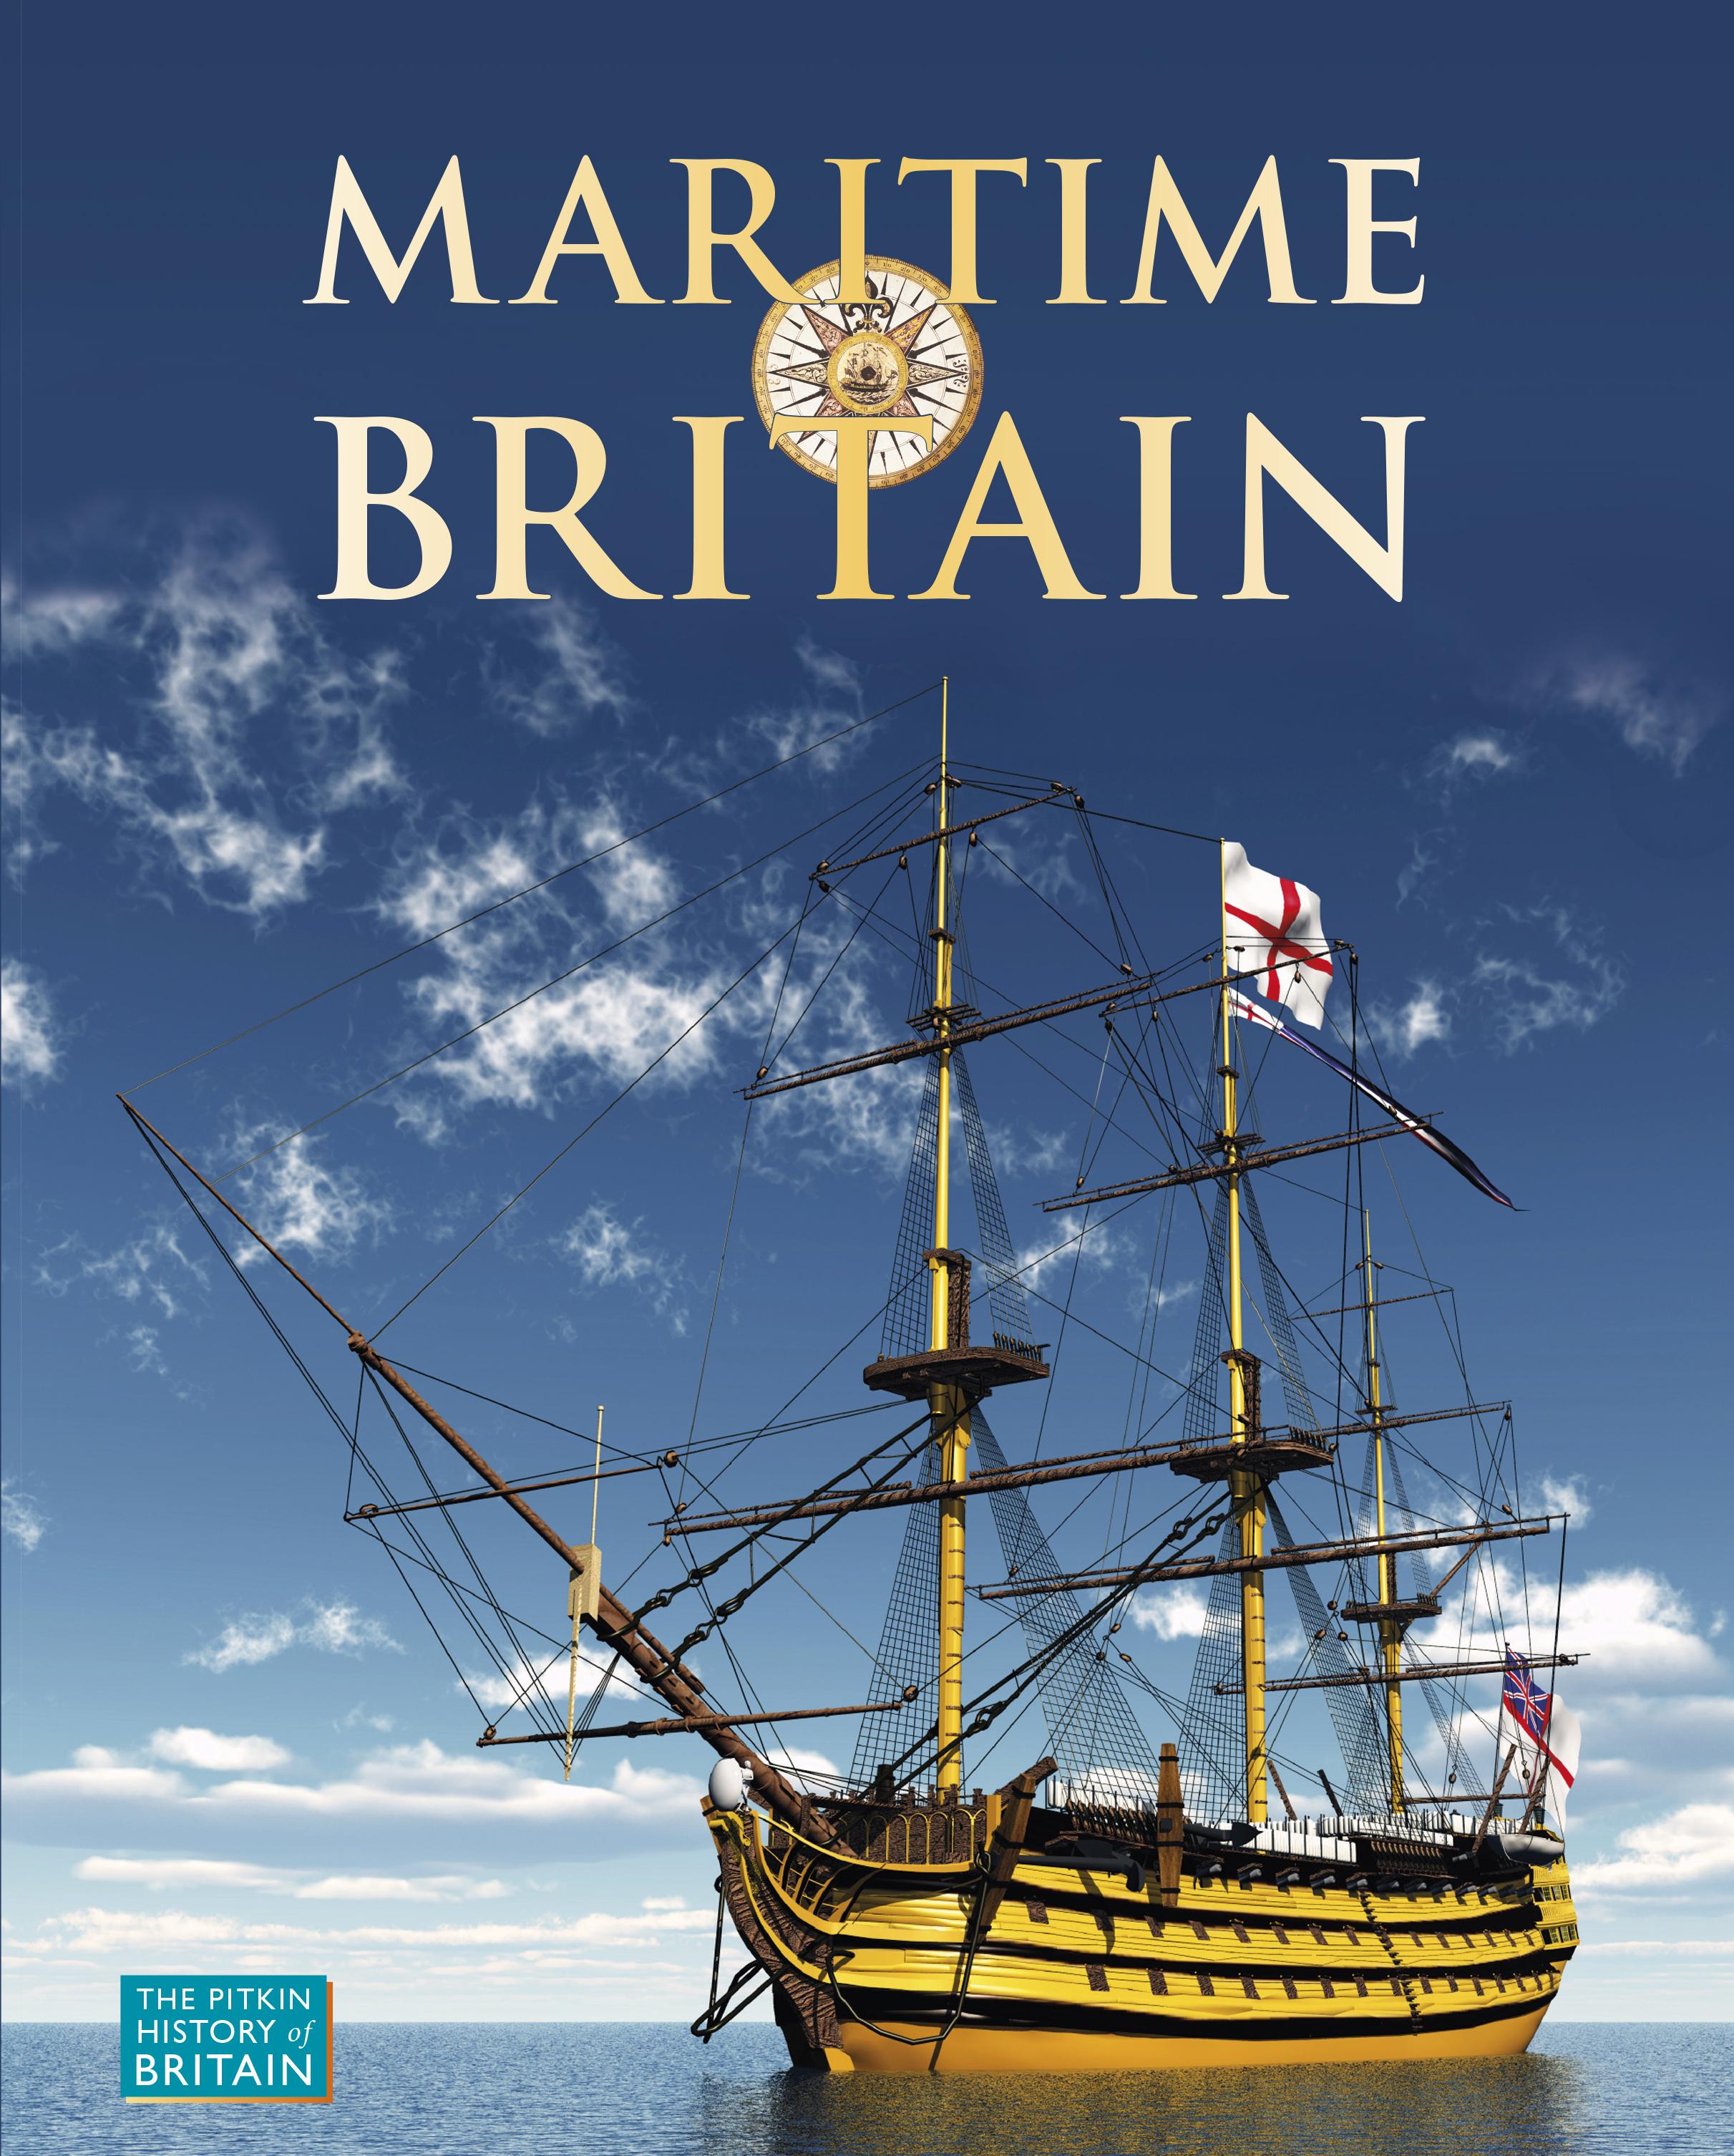 Maritime Britain